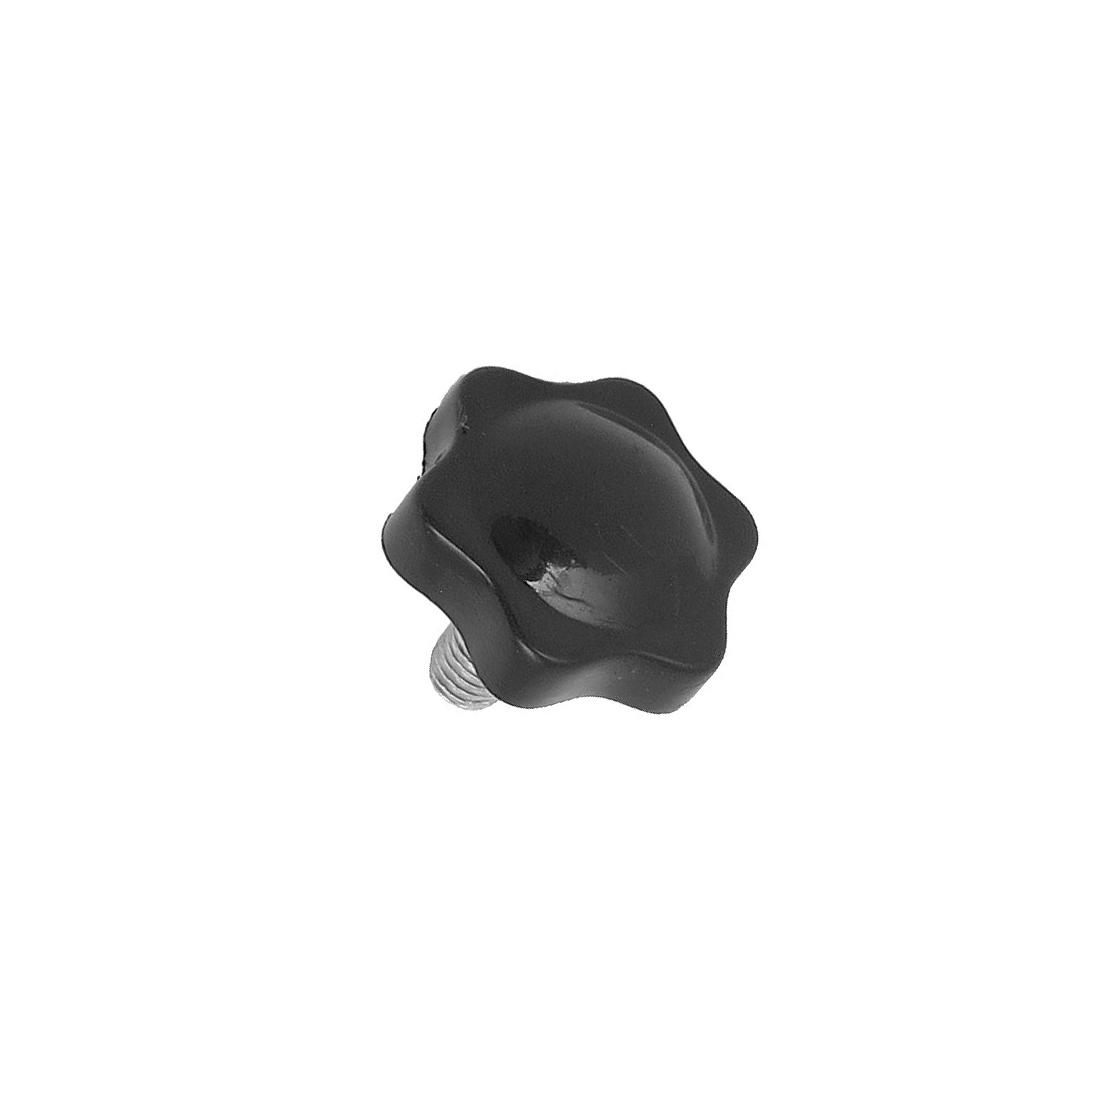 32mm Dia Black Star Shaped Head 8mm x 16mm Thread Clamping Screw Knob